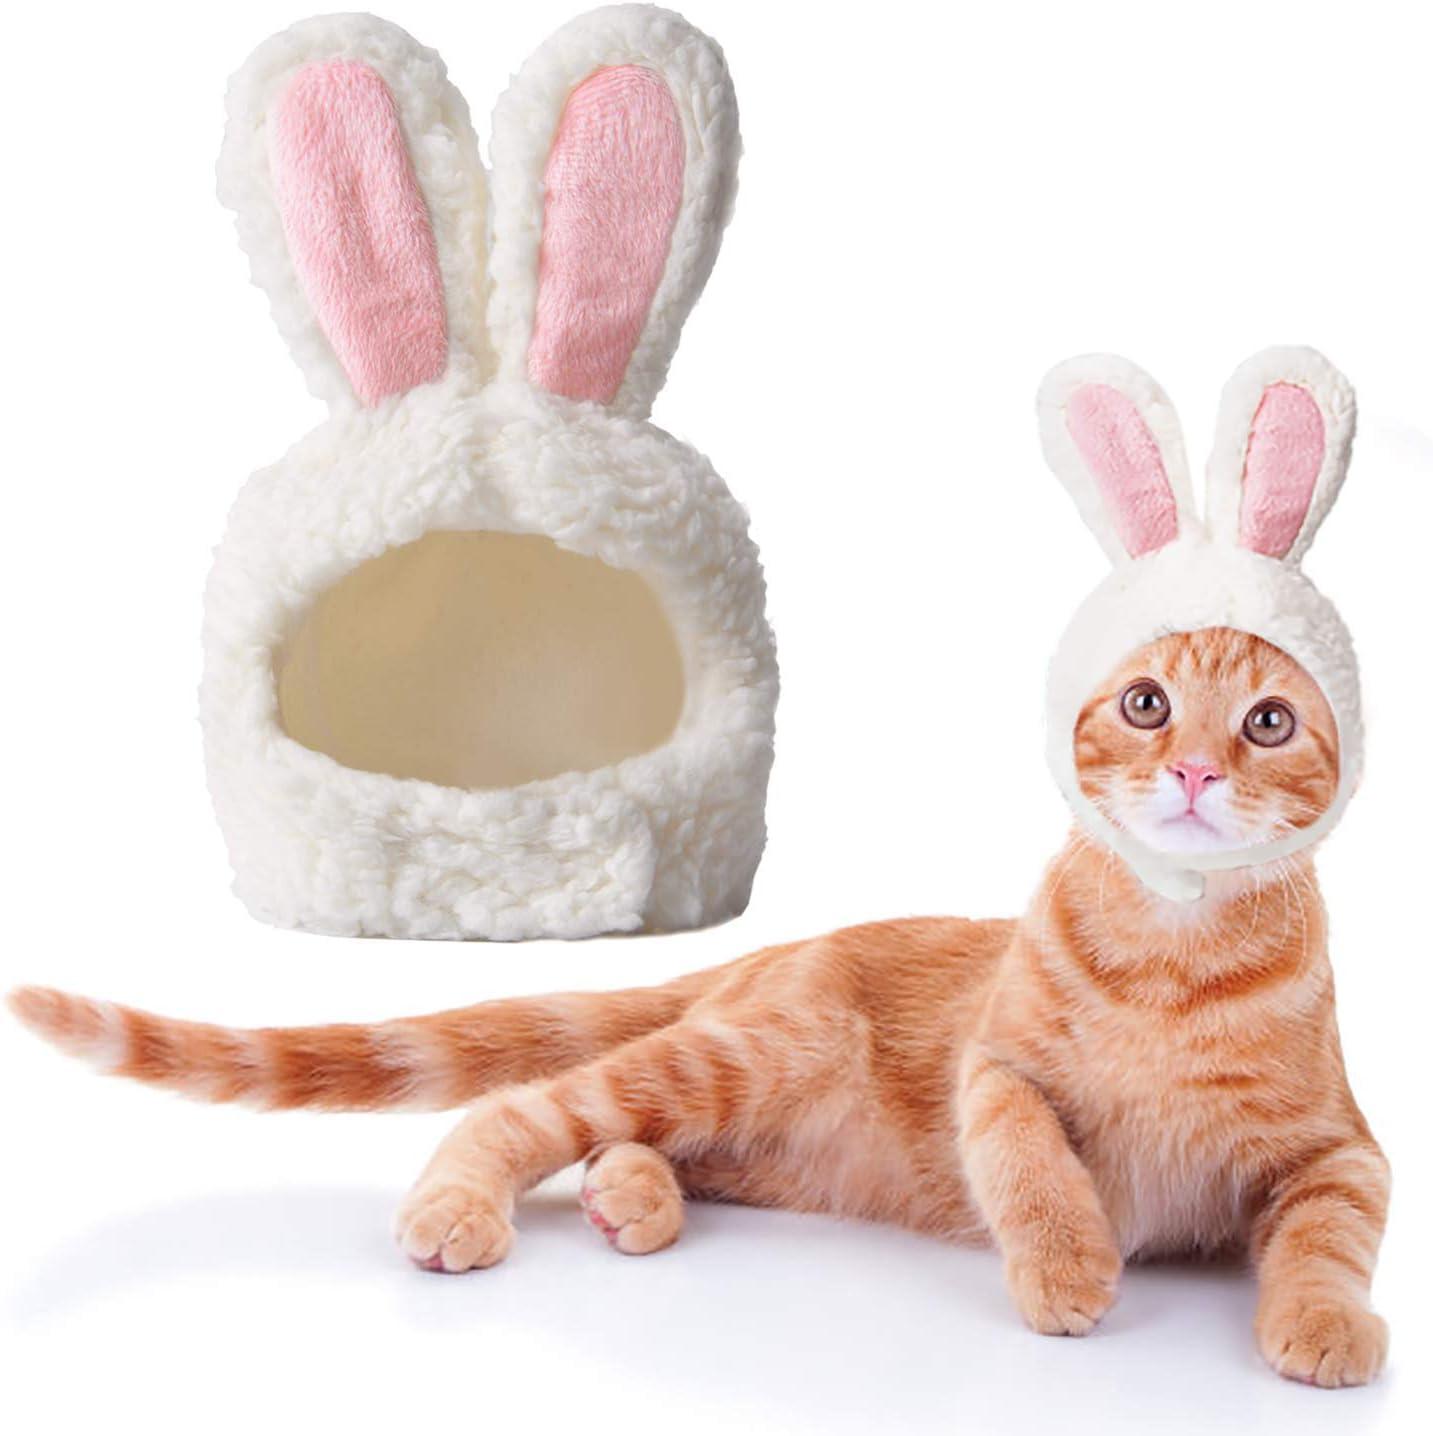 Disfraz Gato, Disfraz de Conejo de Gato de tamaño Ajustable, Disfraz de Cachorro de Pascua, Disfraz para Gato Orejas de Conejo para Cosplay de Pascua